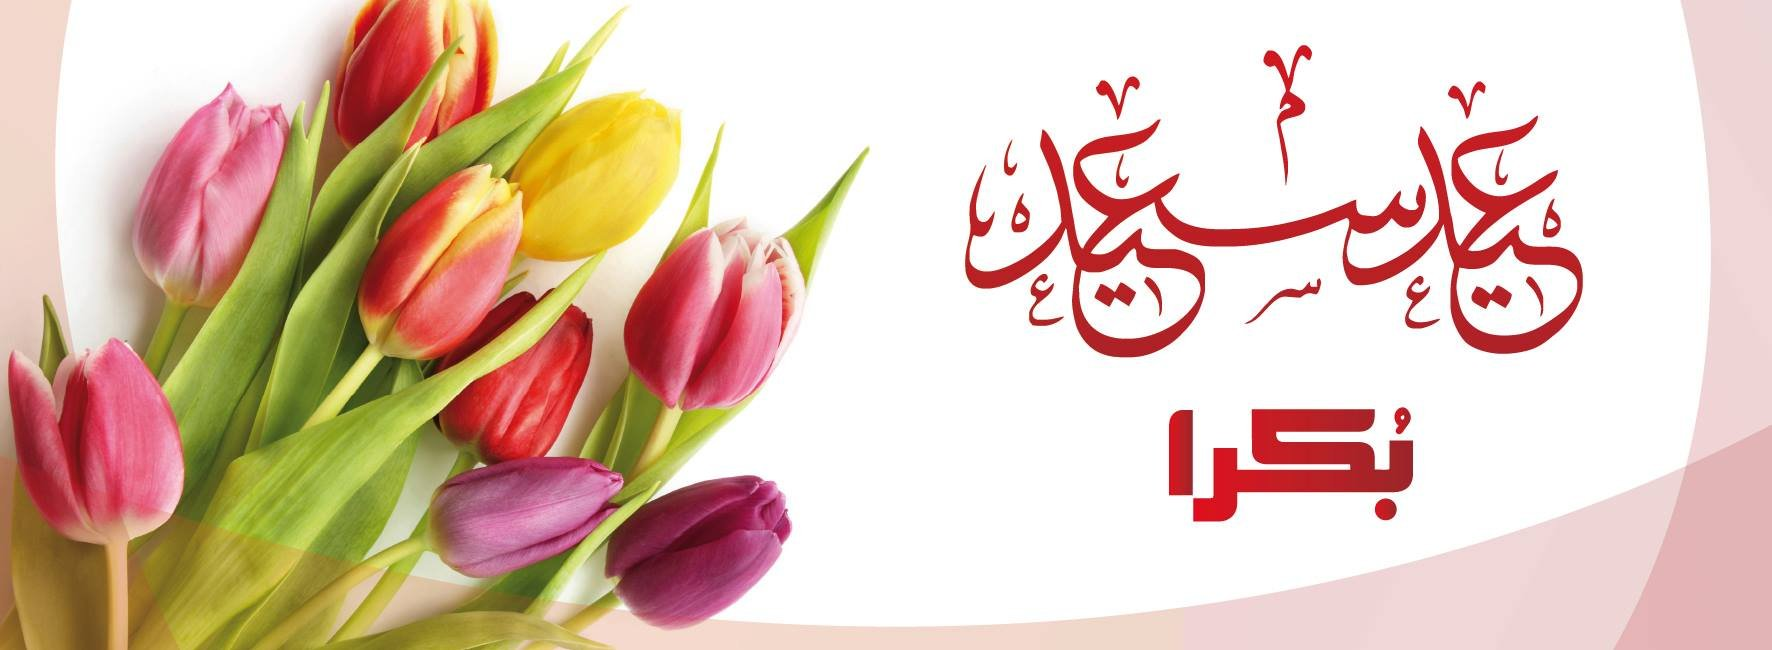 بكرا يهنىء الأمة العربية والإسلامية بمناسبة عيد الفطر